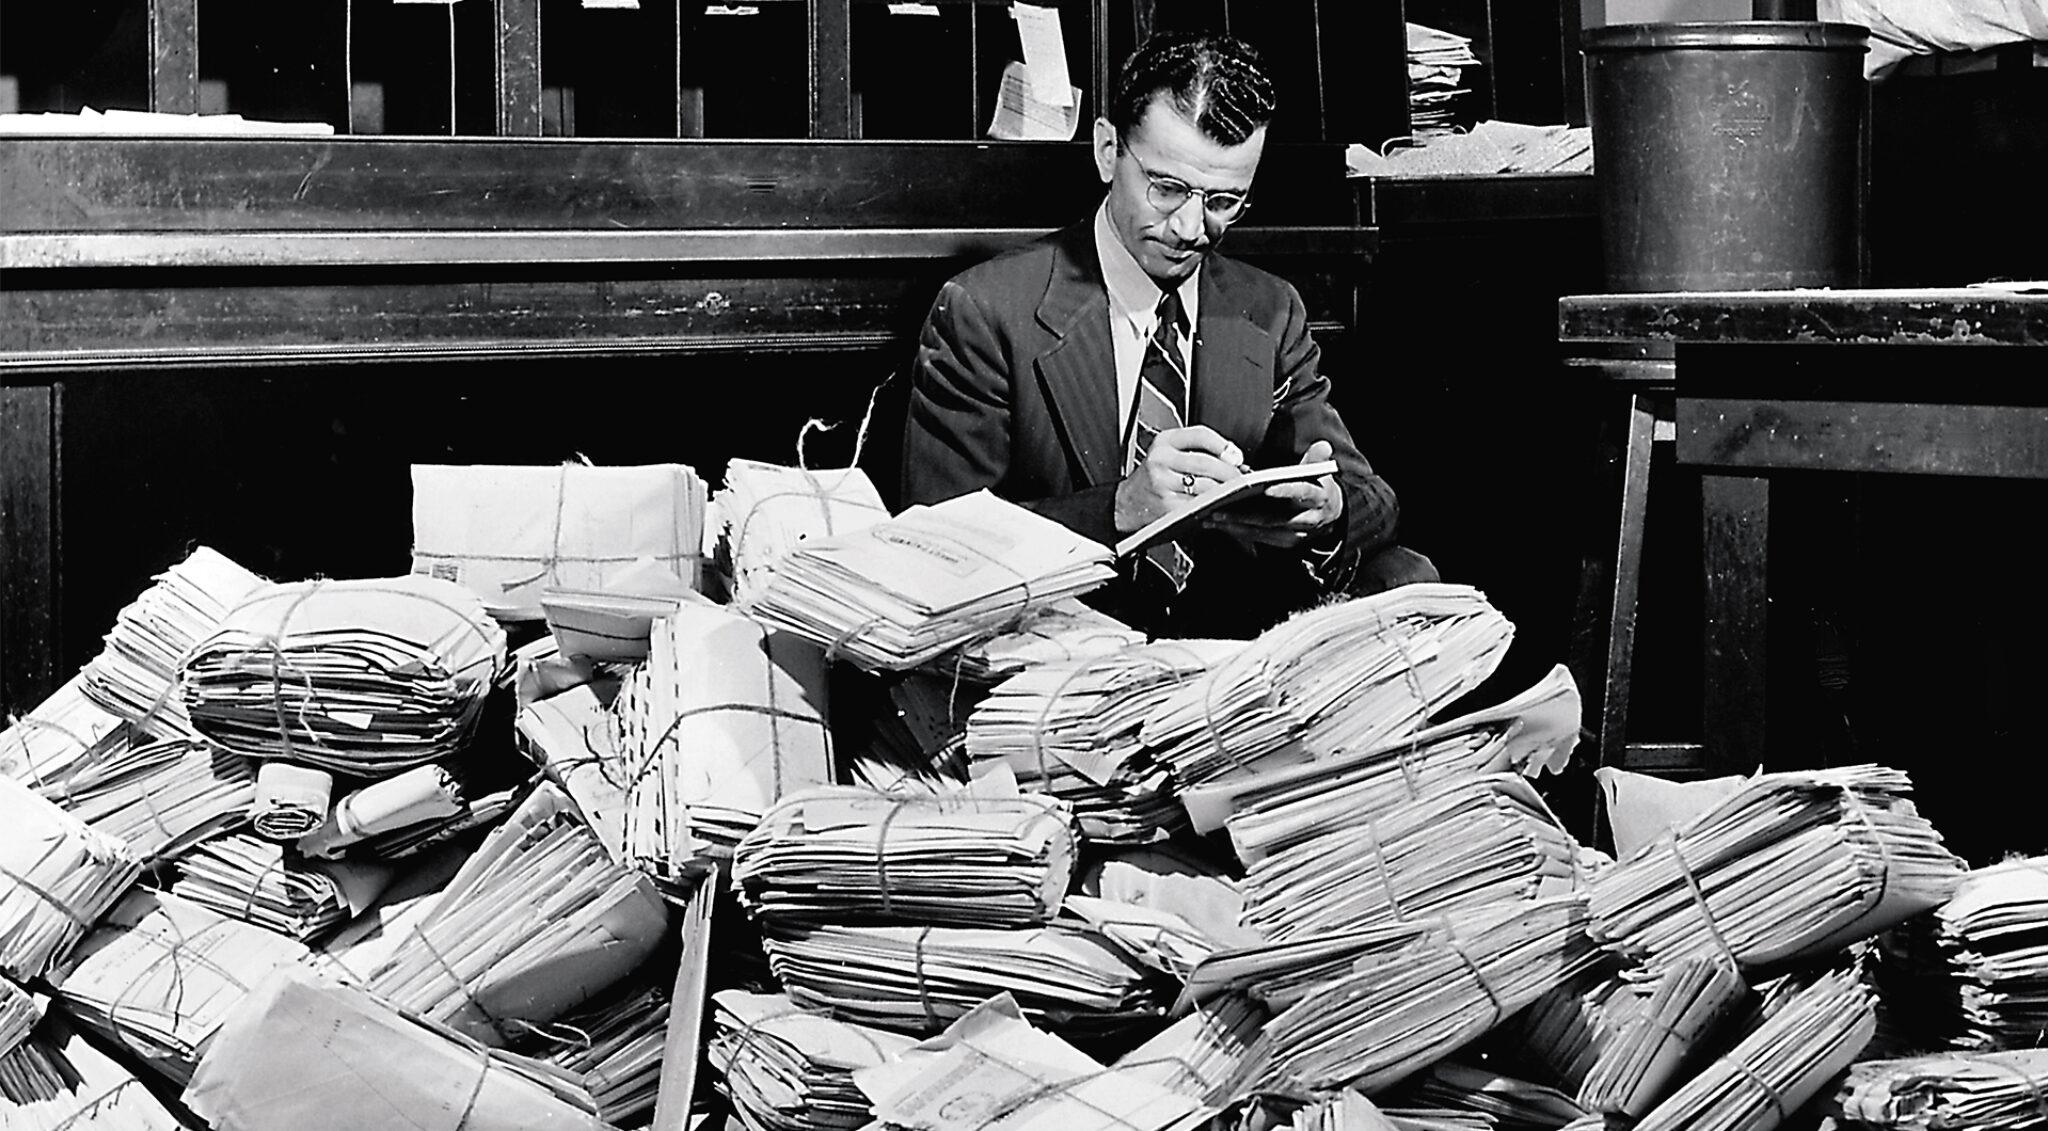 Altes Bild von einem Mann, der umgeben von Briefen mit einem Füller schreibt.